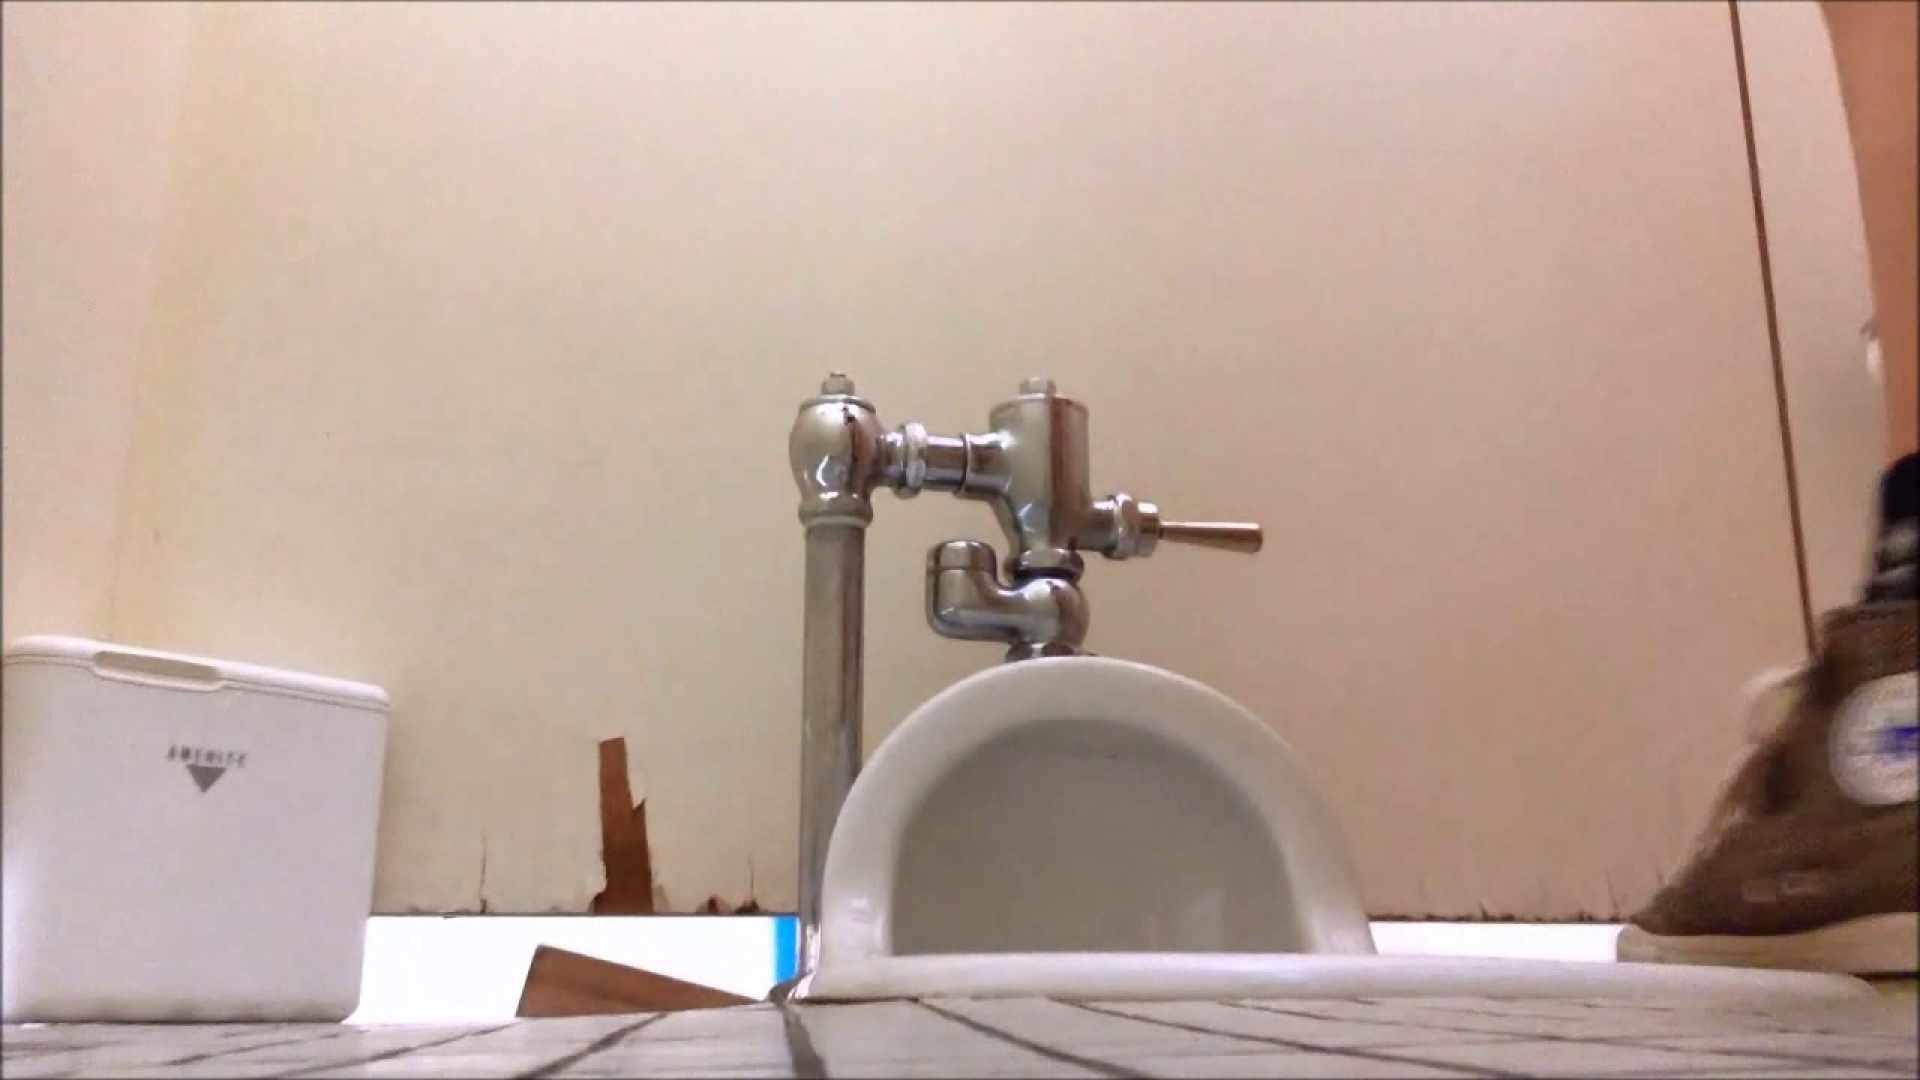 某有名大学女性洗面所 vol.05 OLの実態 | 排泄  47pic 13